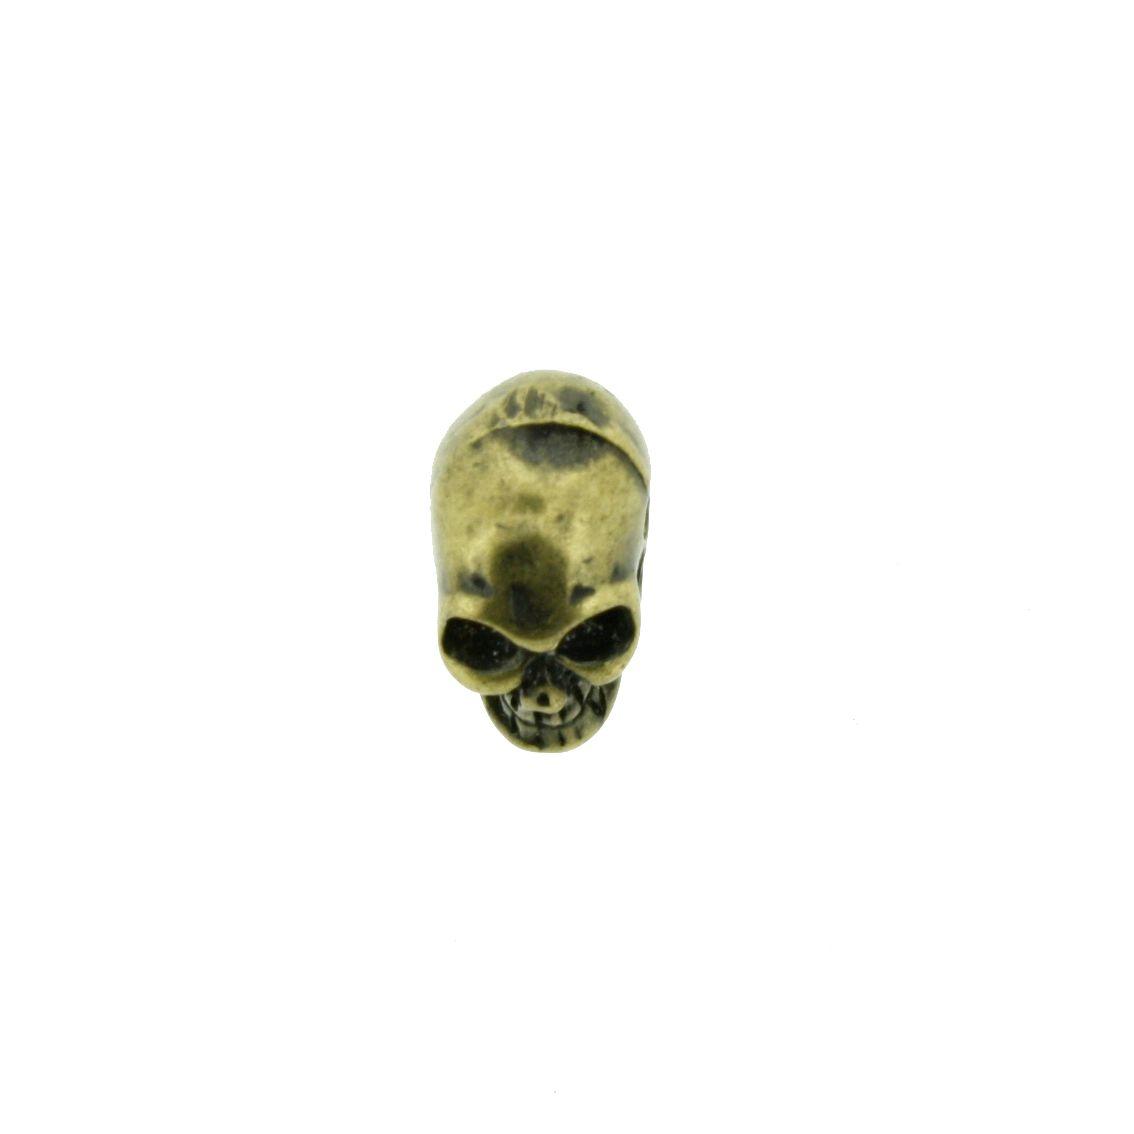 Caveira - Ouro Velho - 13mm - 01 Peça  - Universo Religioso® - Artigos de Umbanda e Candomblé